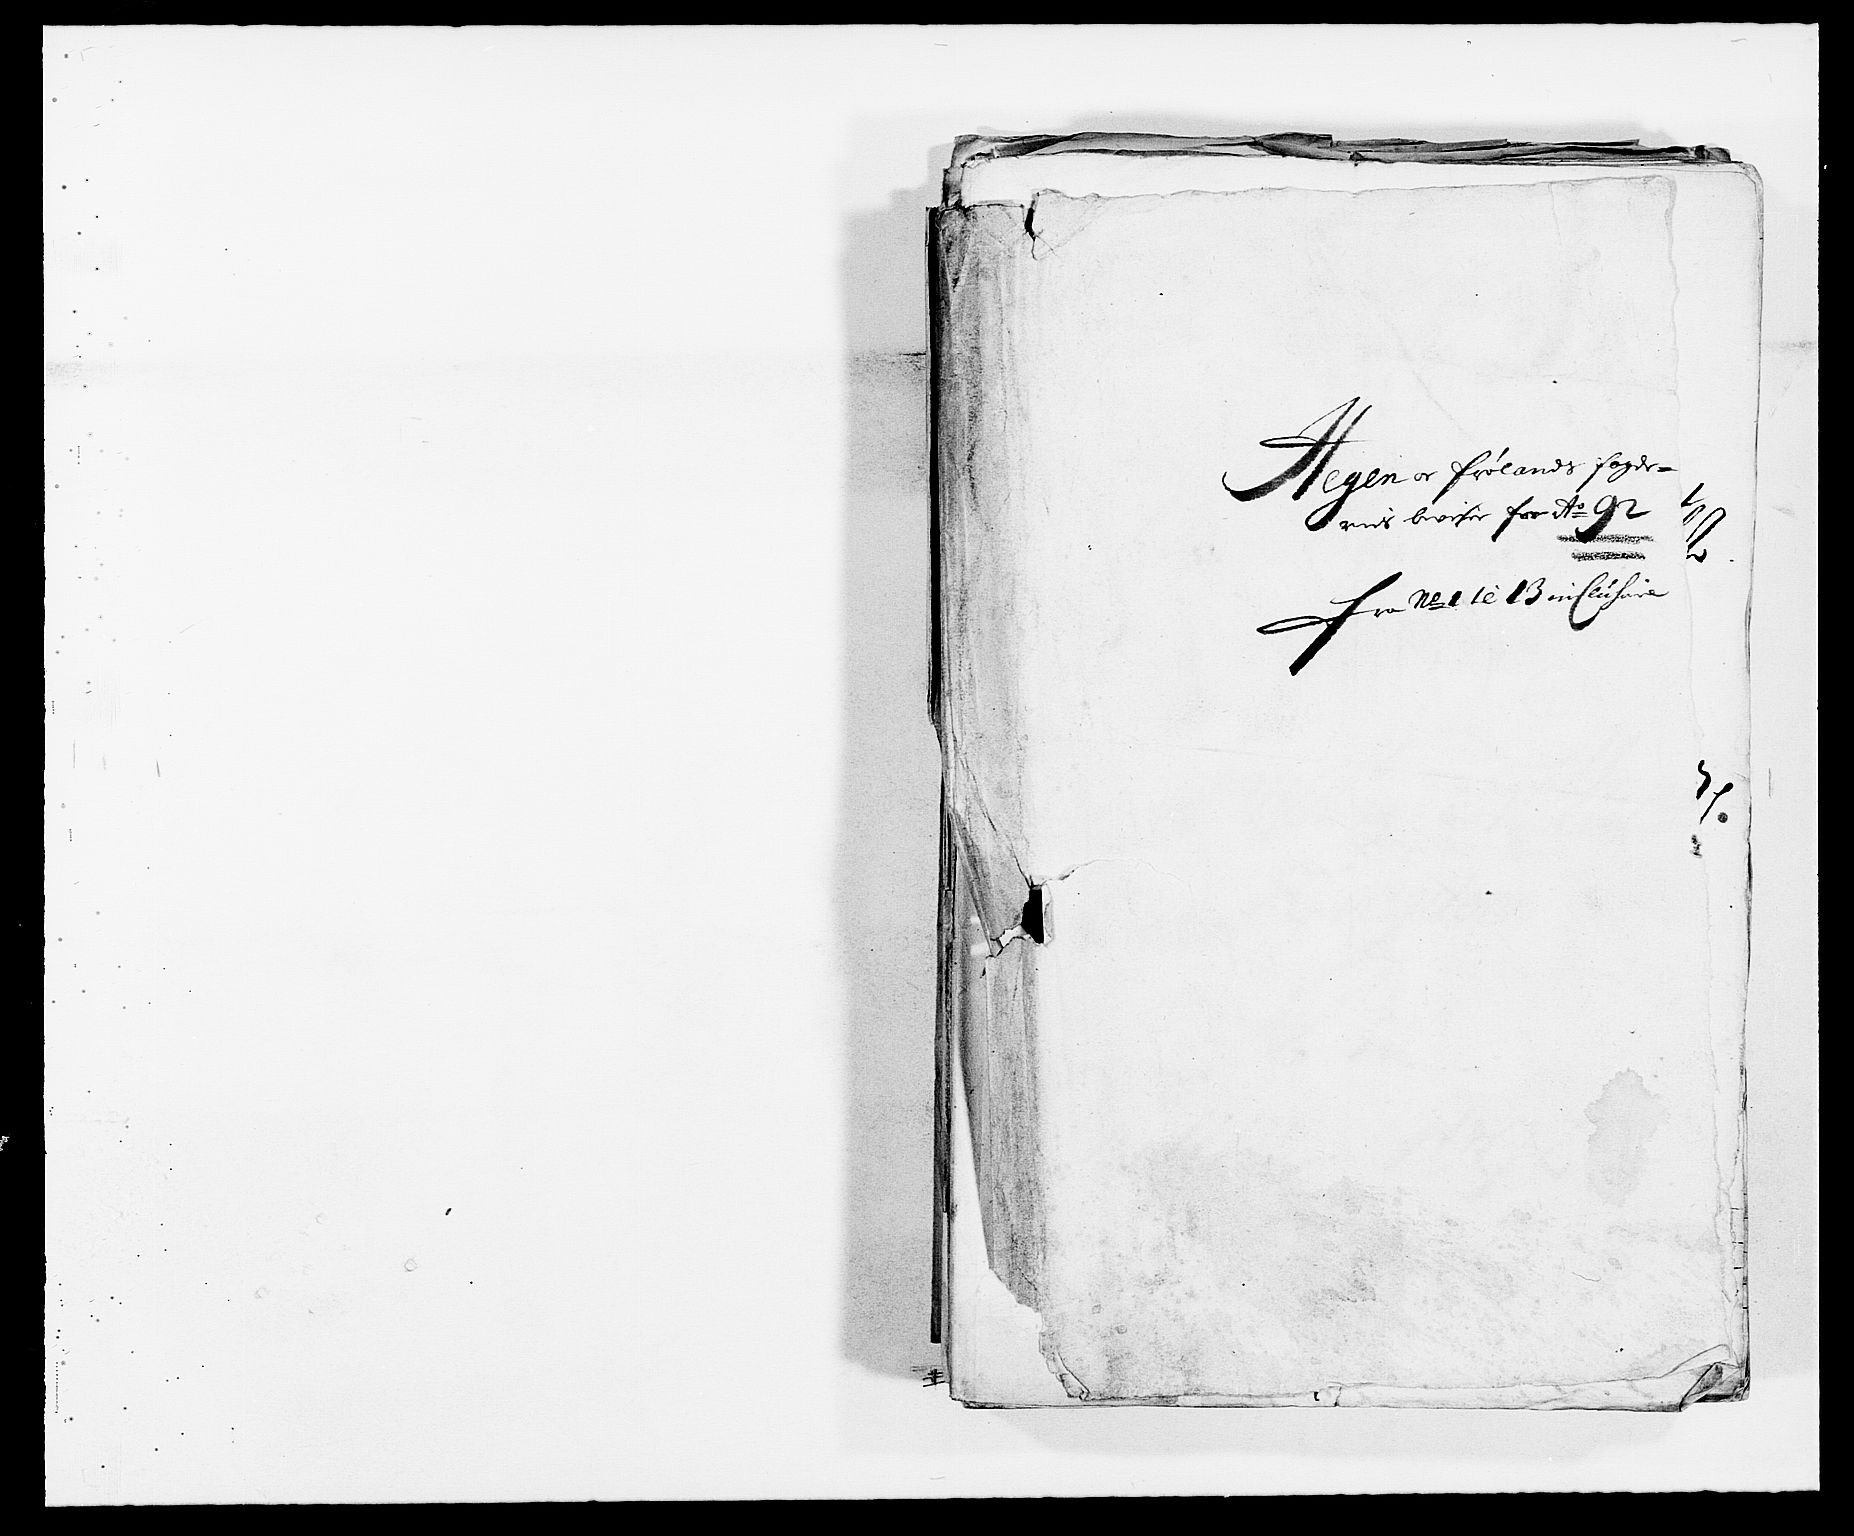 RA, Rentekammeret inntil 1814, Reviderte regnskaper, Fogderegnskap, R06/L0283: Fogderegnskap Heggen og Frøland, 1691-1693, s. 126